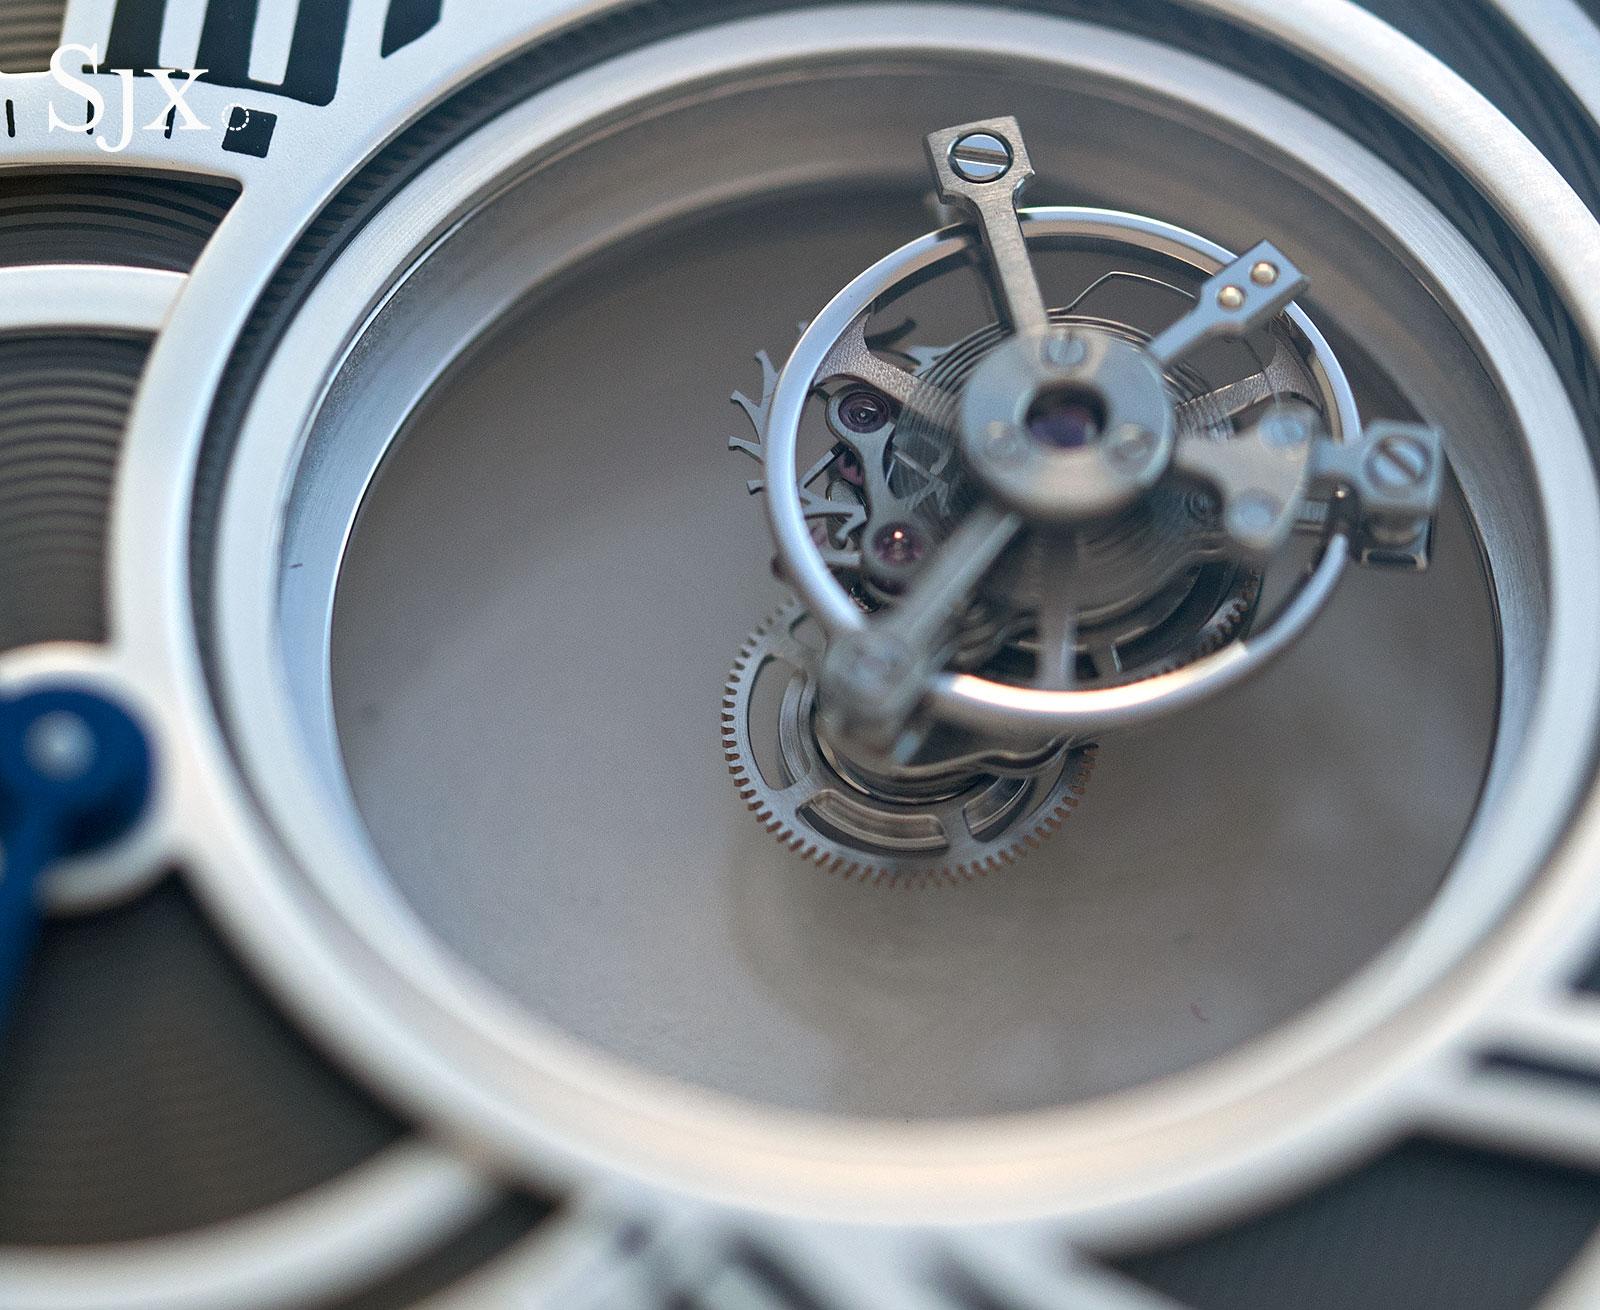 Cartier double mysterious tourbillon sothebys 4